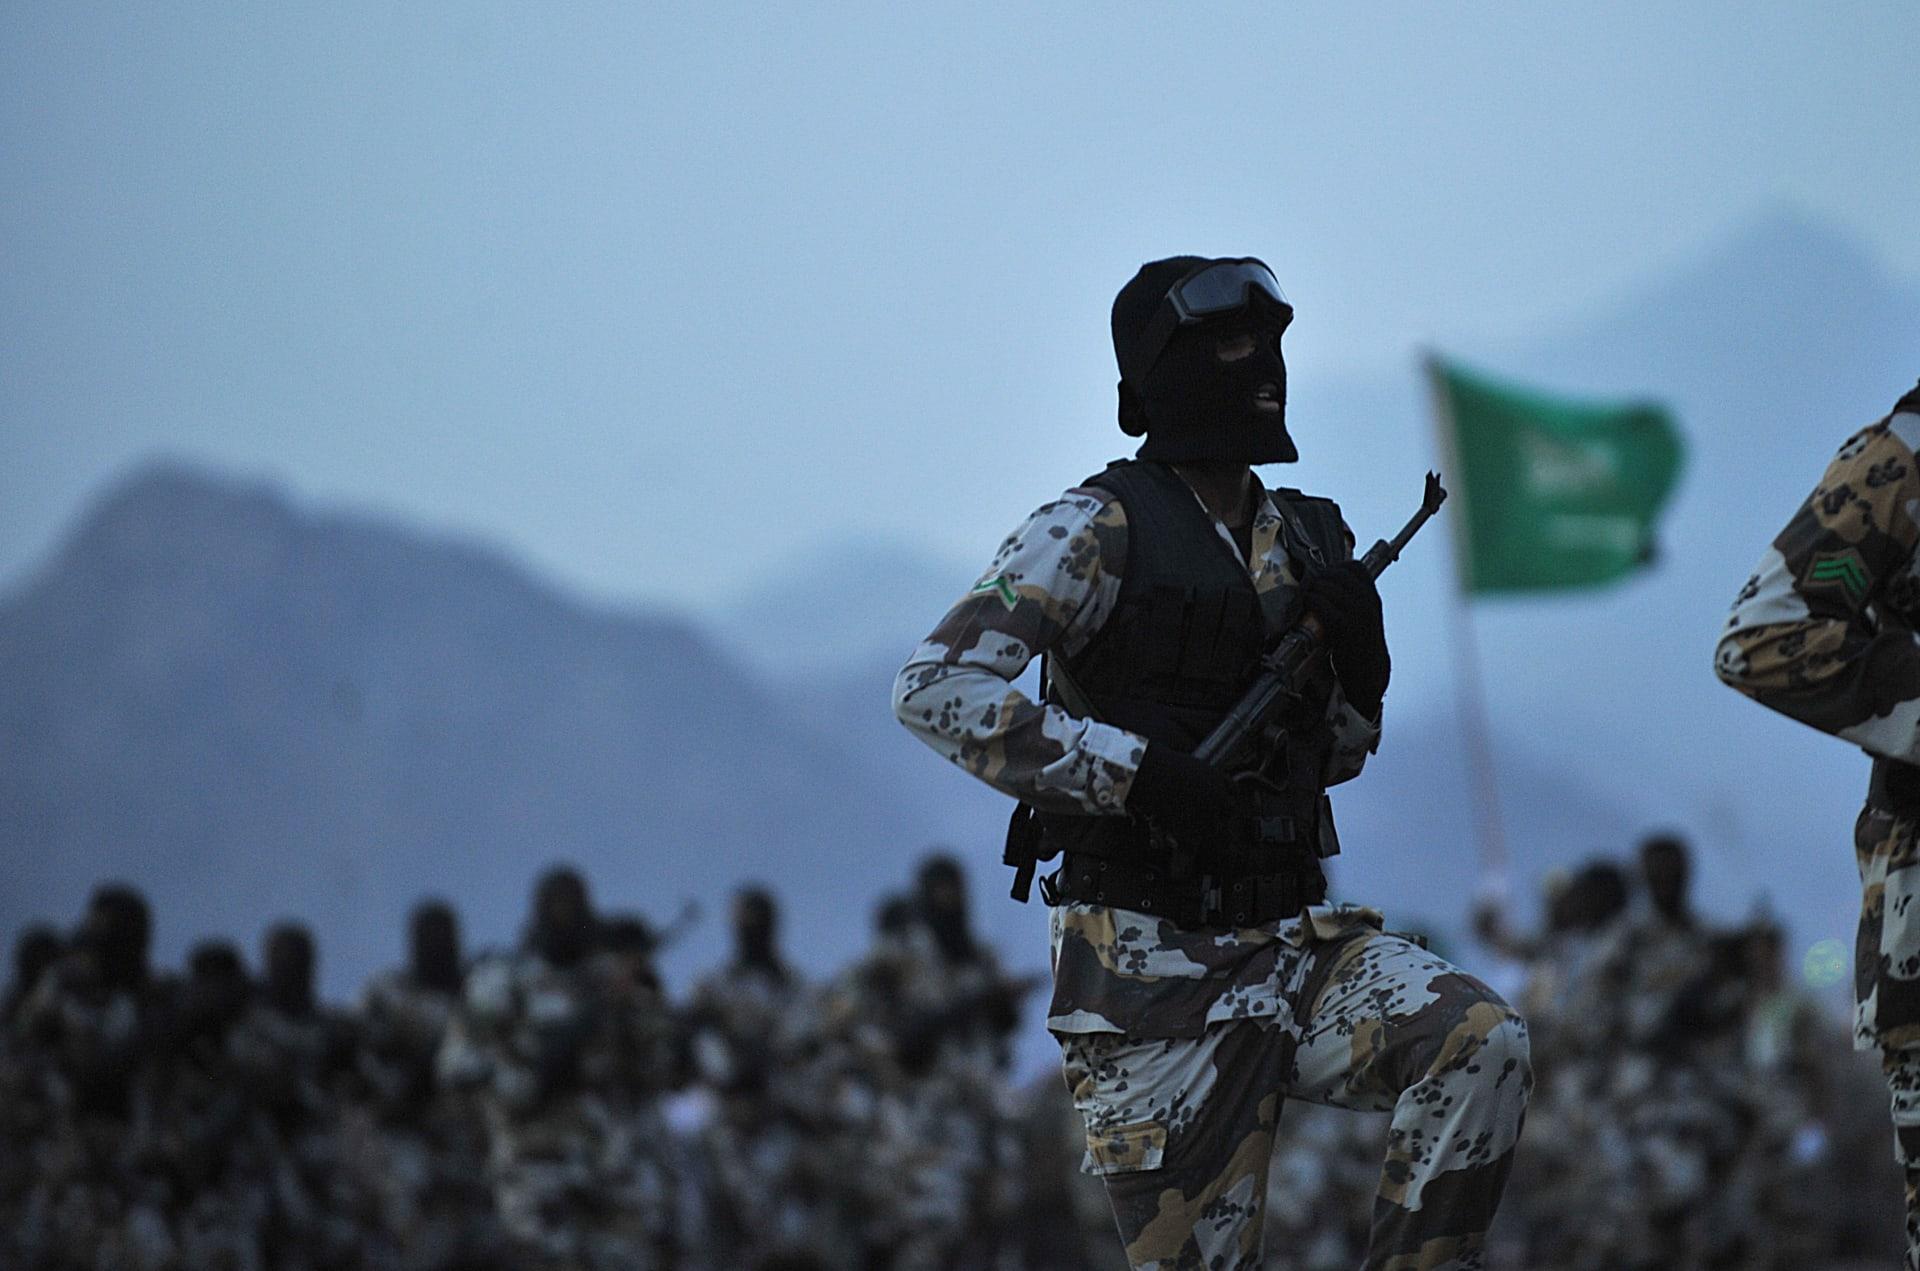 مسؤولة بمنظمة حقوقية تعلّق على أنباء تدريب السعودية للمعارضة السورية: من أعدم عددا أكبر من الناس داعش أم الرياض؟